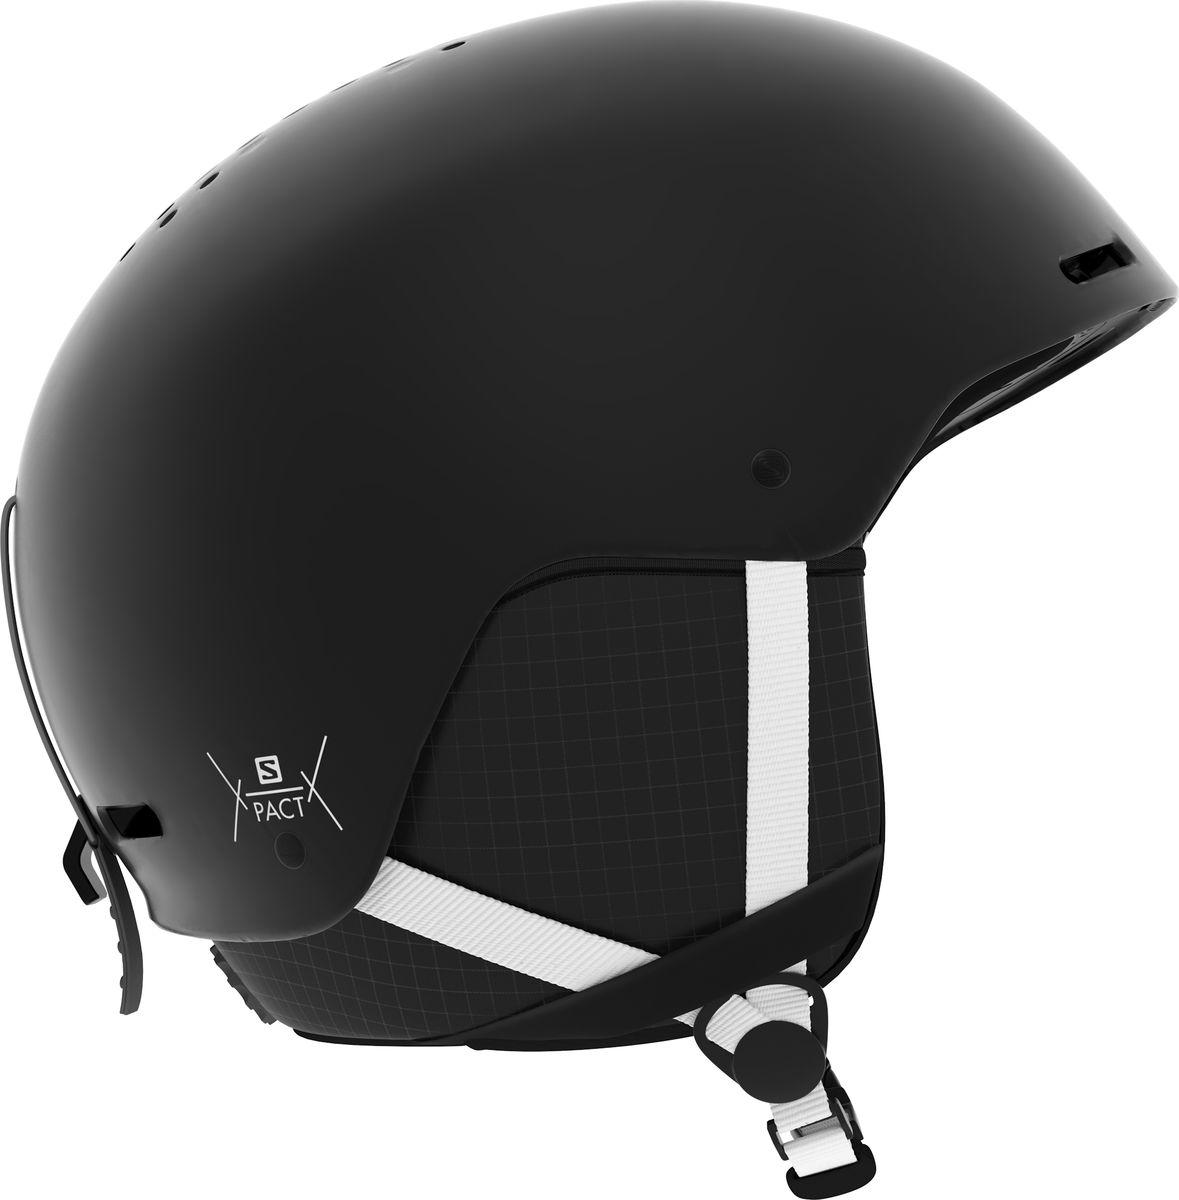 Шлем горнолыжный Salomon Pact, цвет: черный. Размер S (53-56)